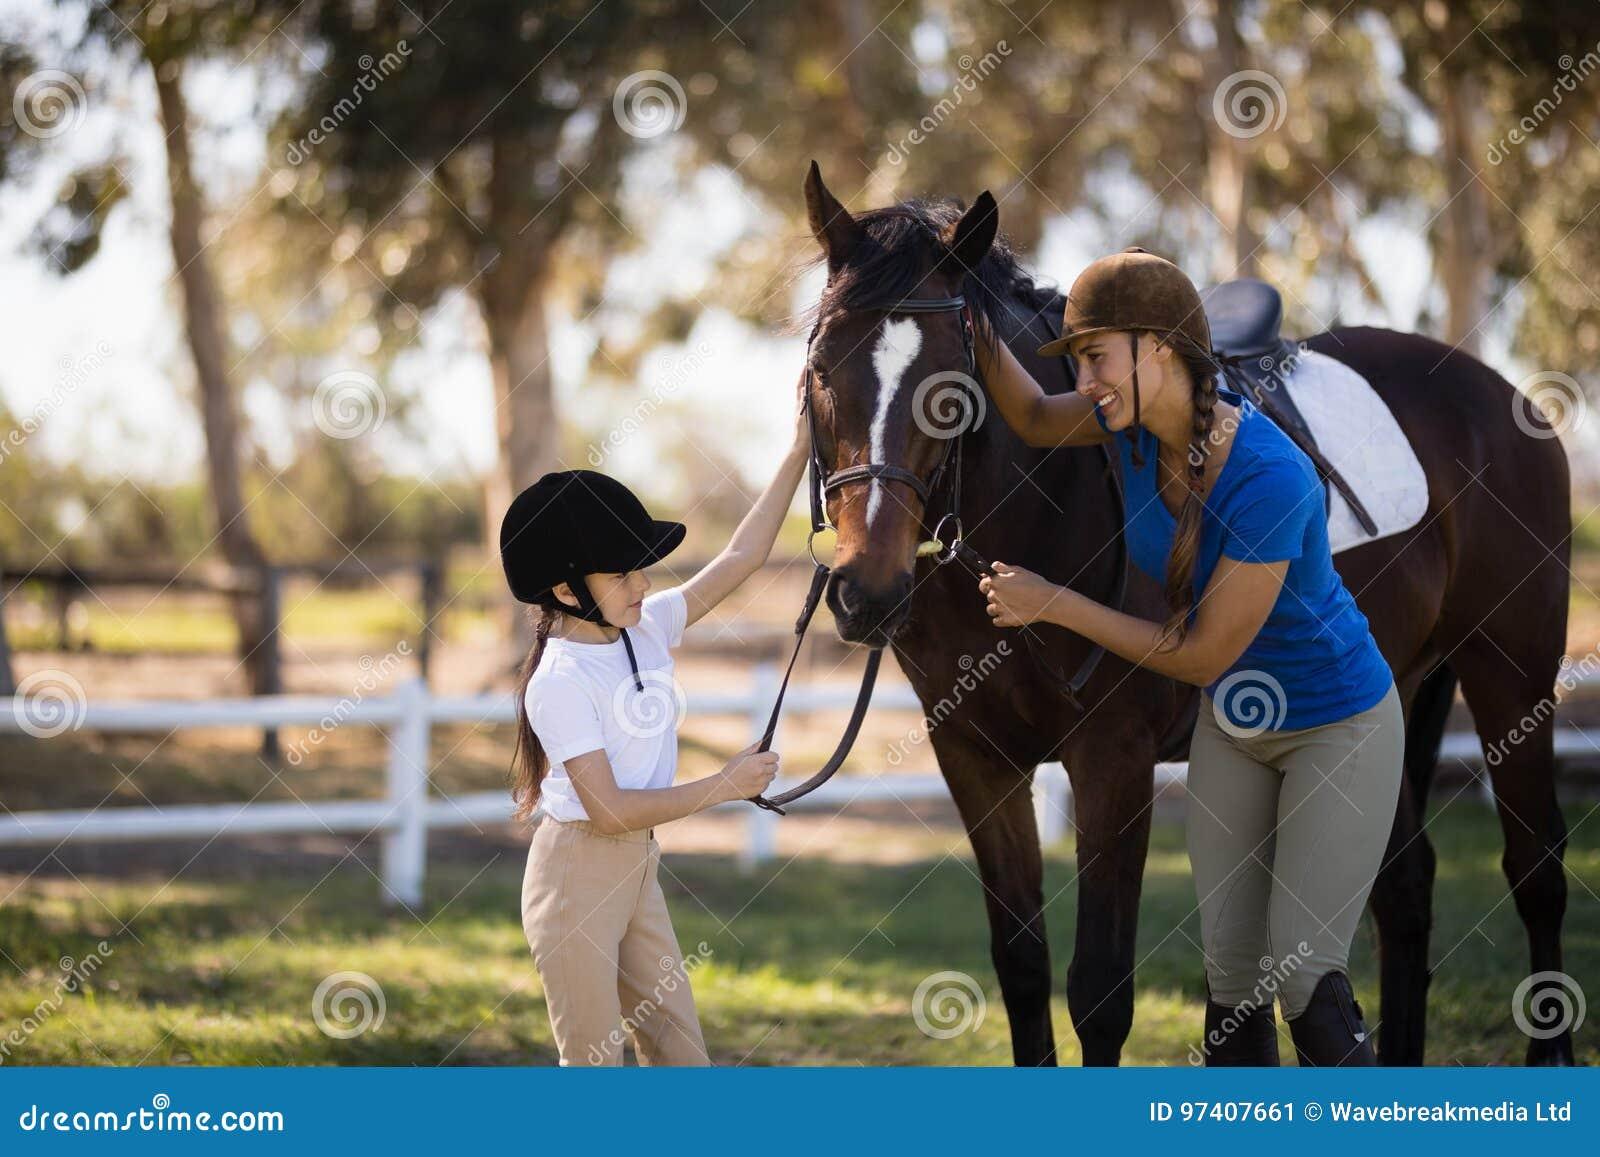 愉快的抚摸马的女孩和女性骑师